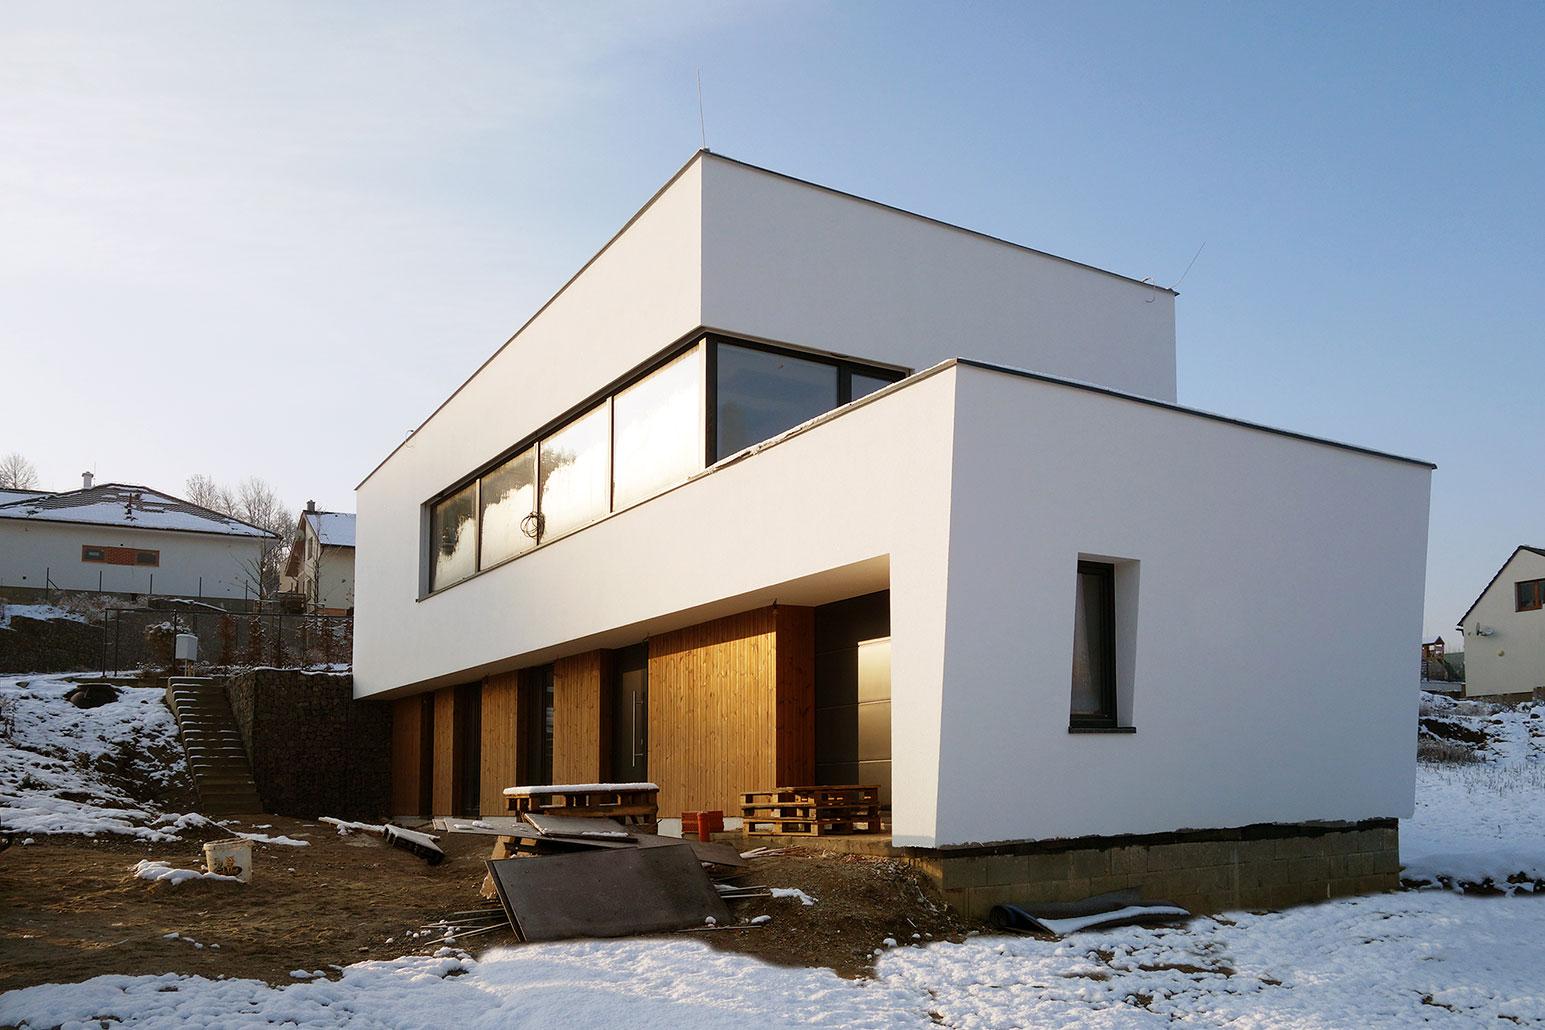 Rodinný dom Snehuliak - dom vo svahu